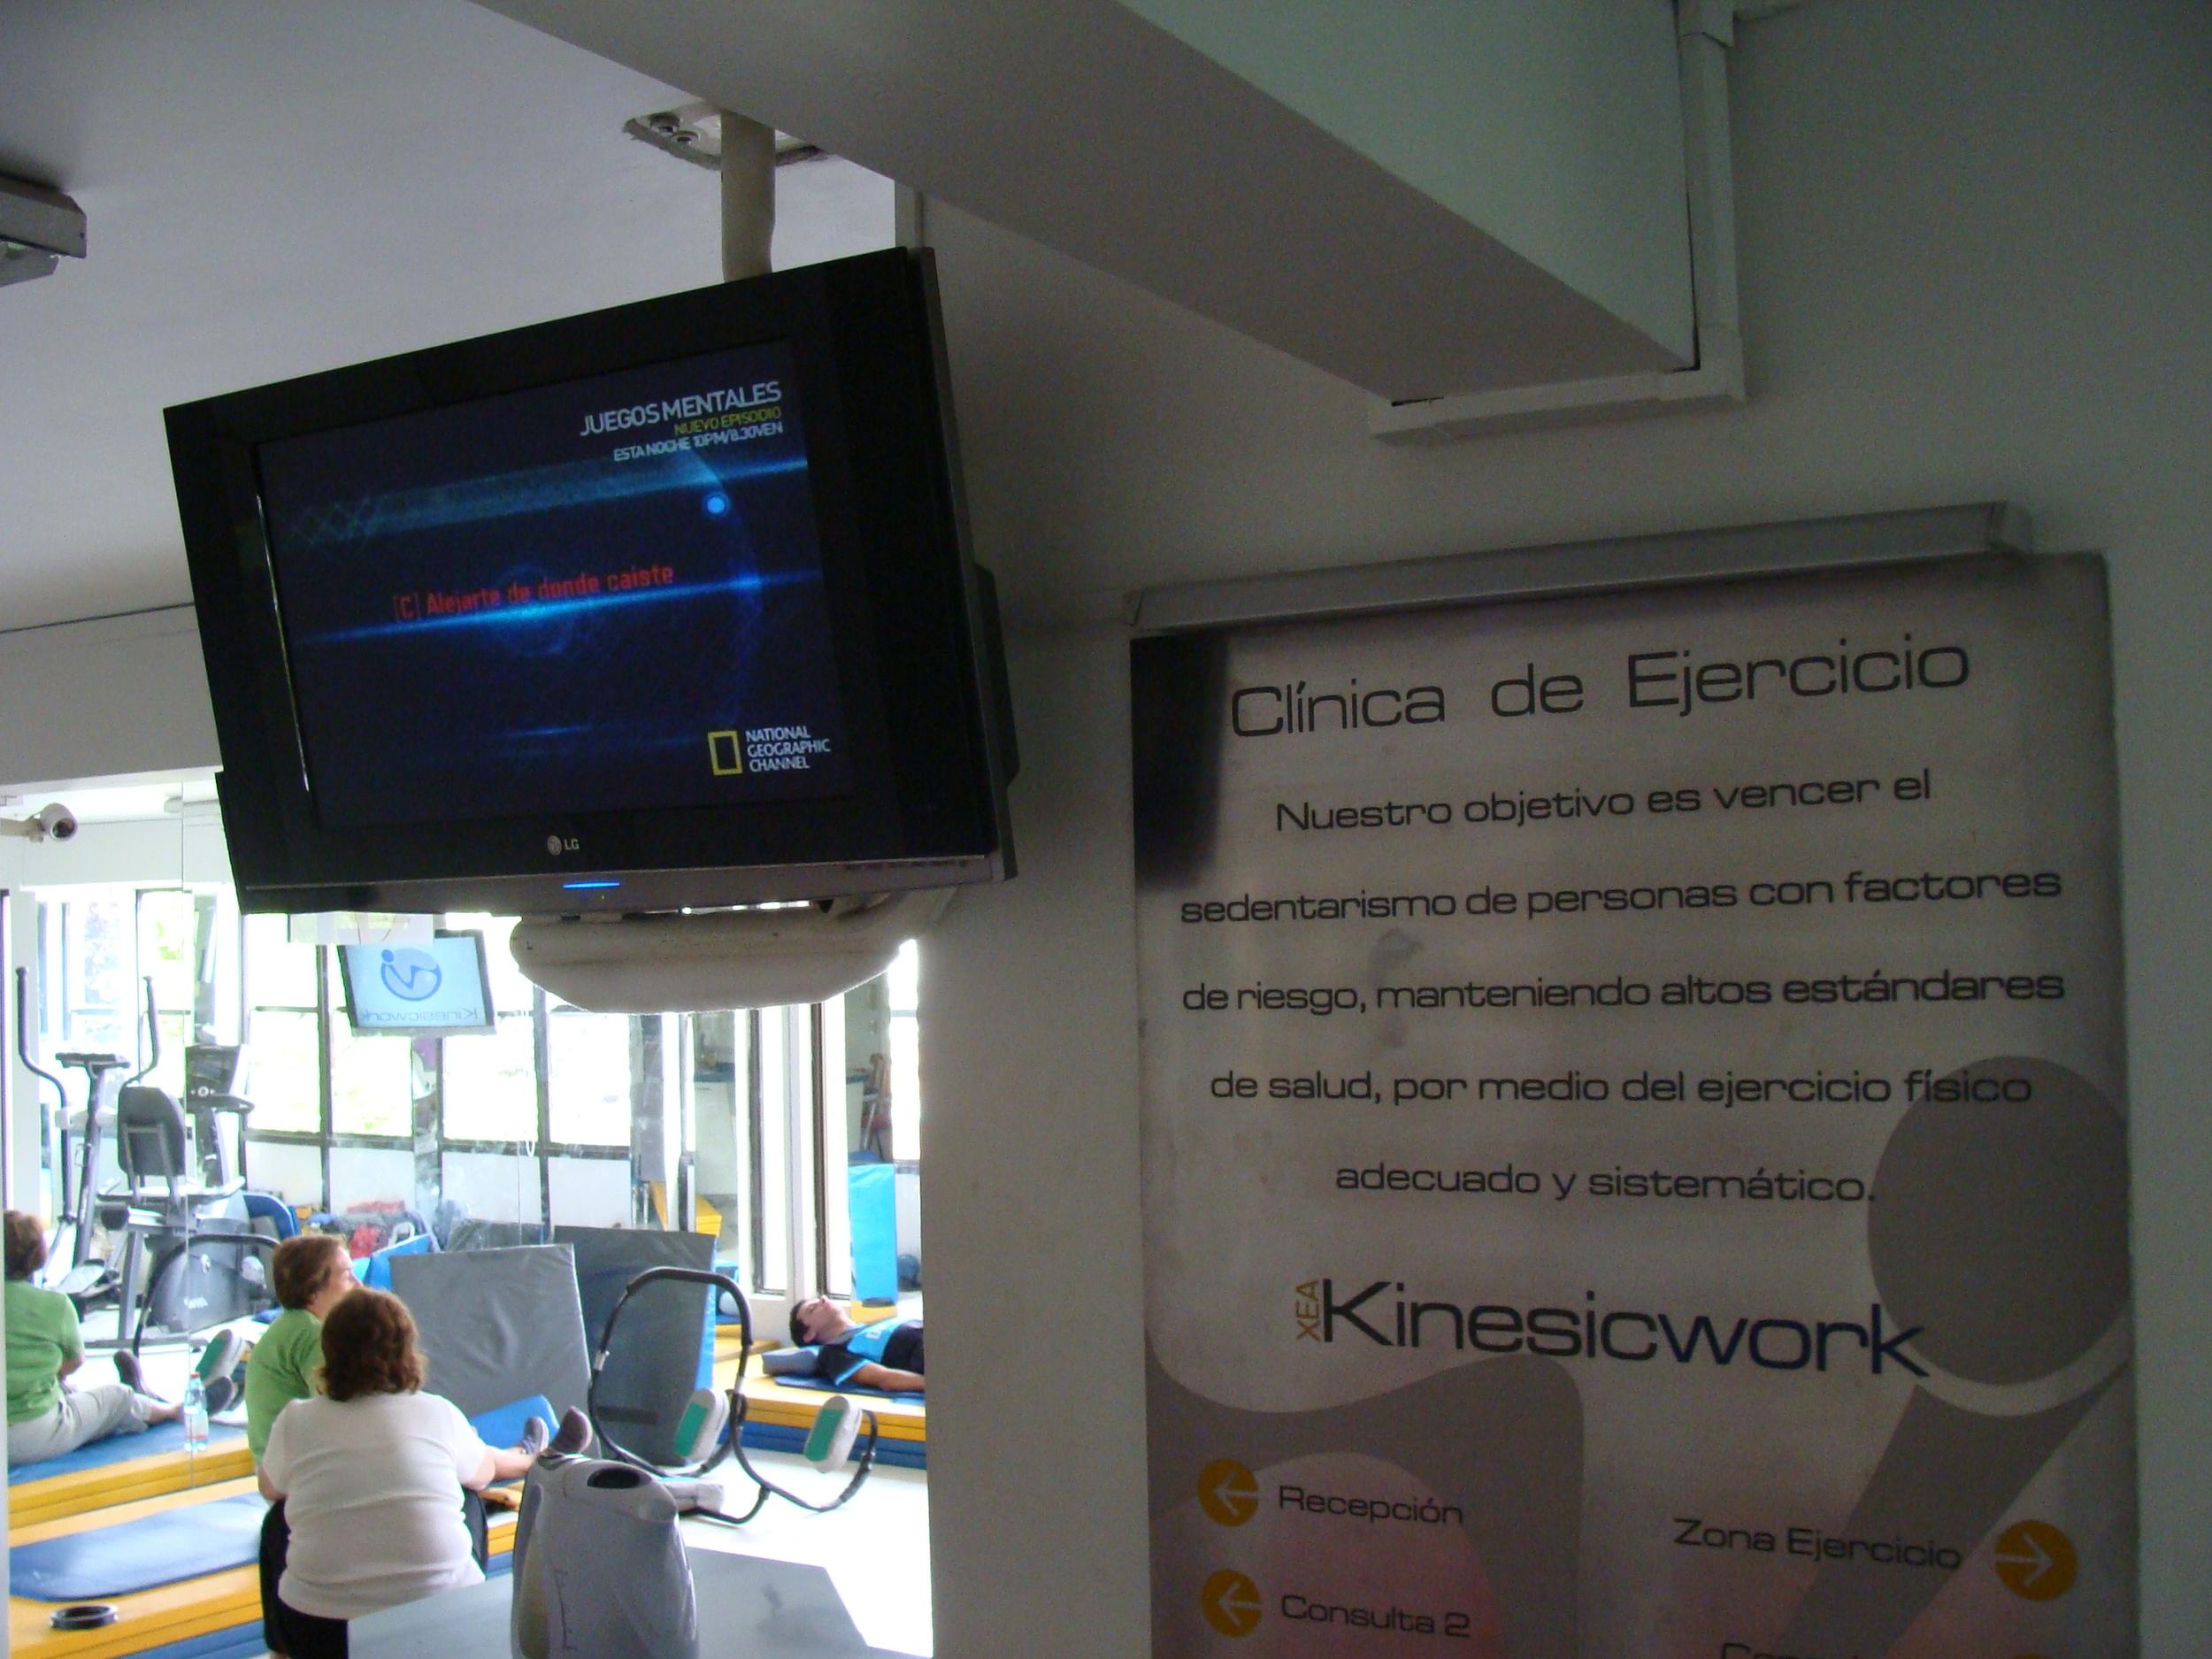 clinica dde ejercicio kw - vencer el sedentarismo.JPG